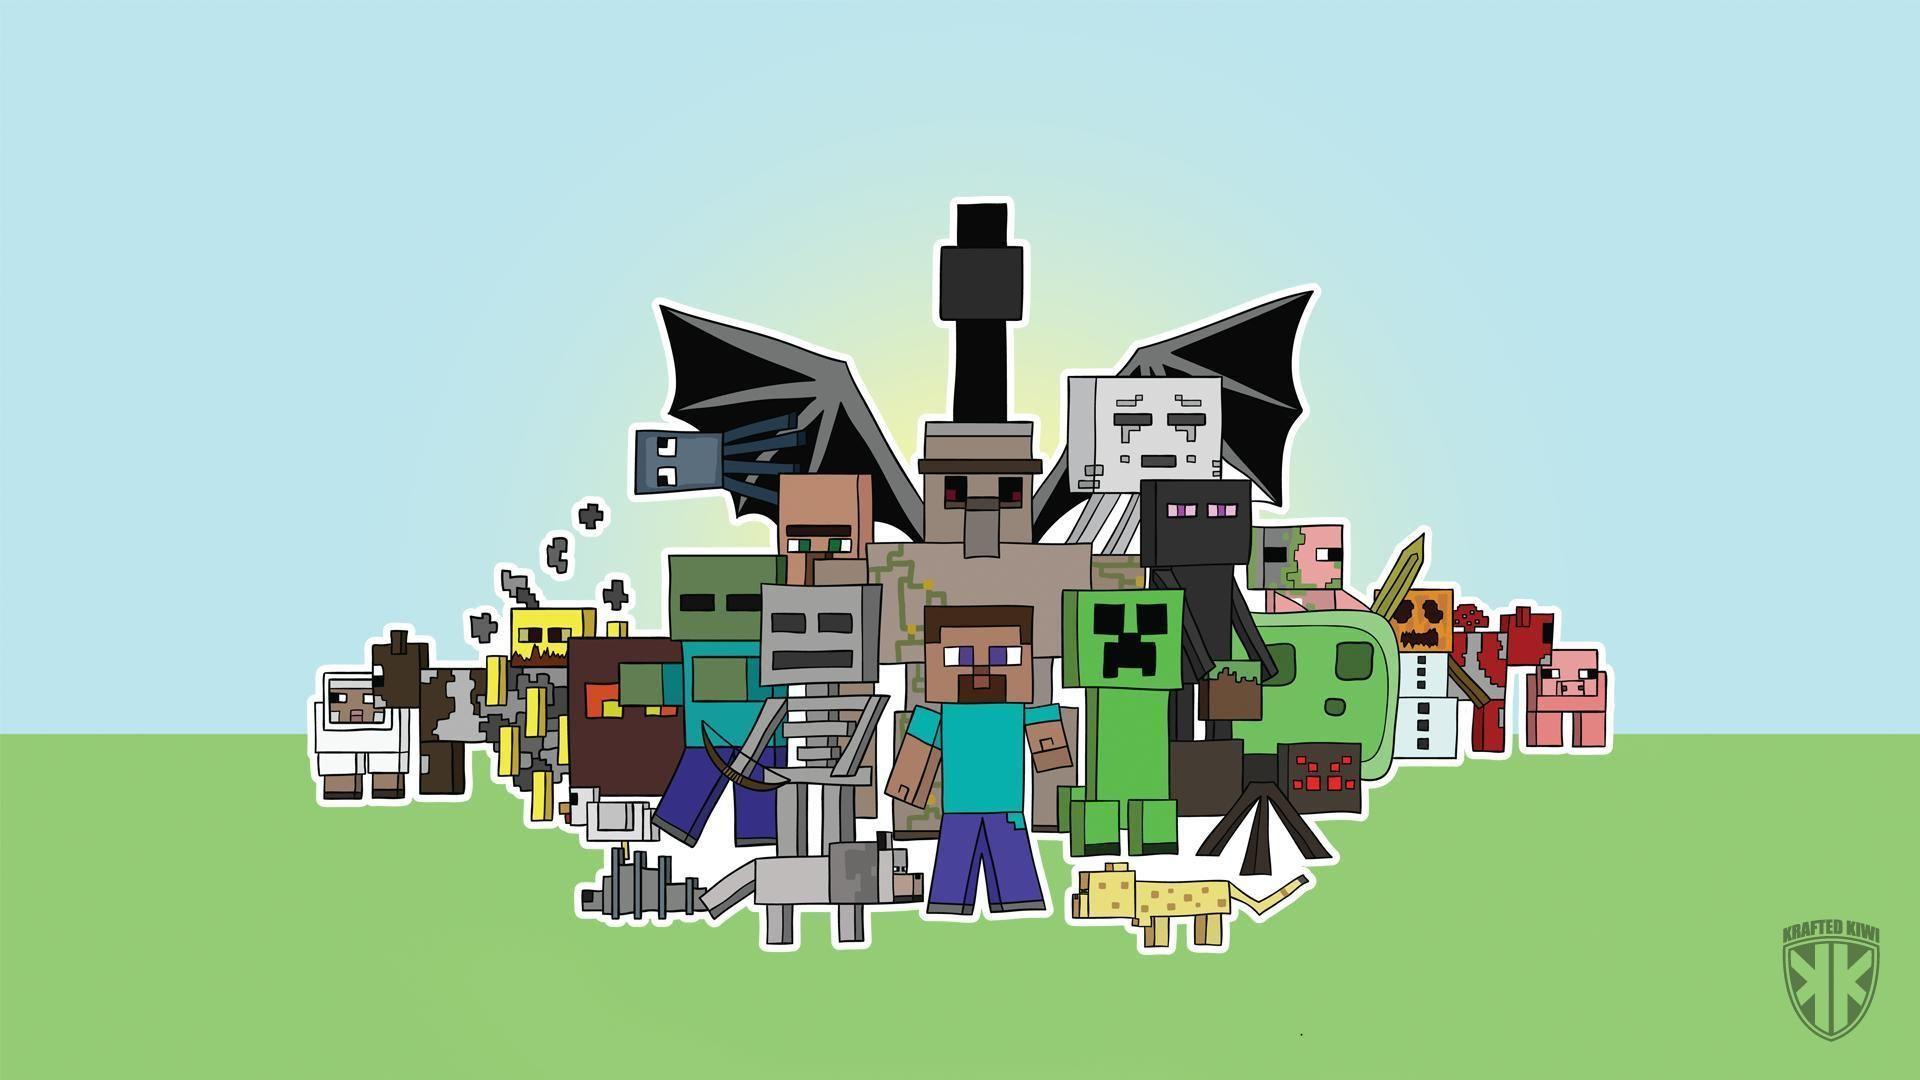 Minecraft Wallpaper Hd In 2020 Minecraft Wallpaper Minecraft Pictures Minecraft Posters